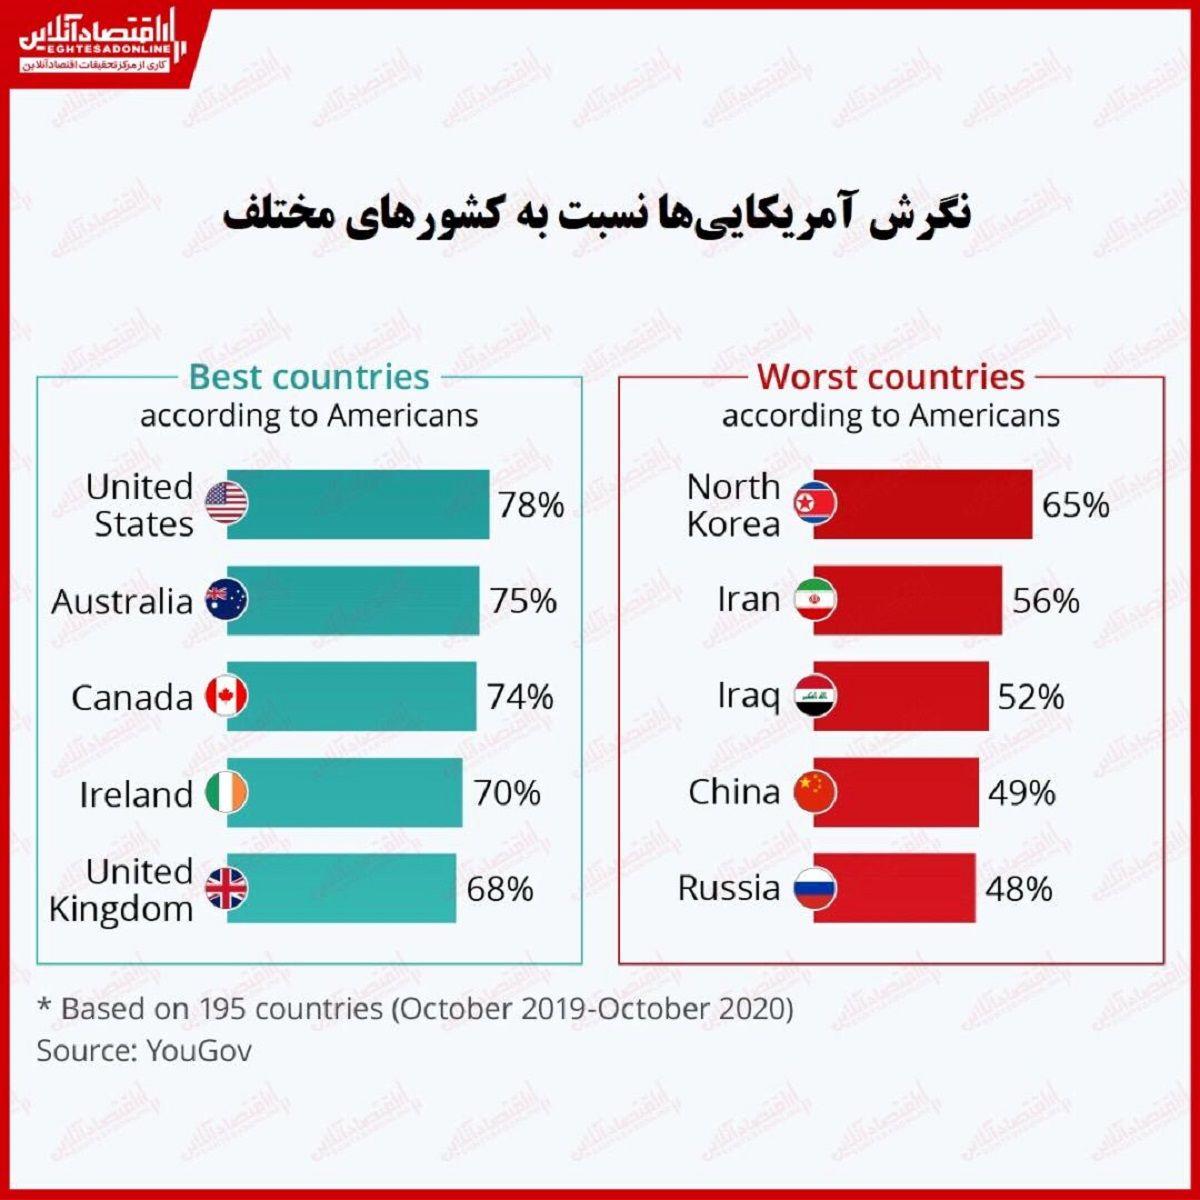 نگرش آمریکاییها نسبت به کشورهای مختلف چگونه است؟/ ایران دومین کشور دارای کمترین محبوبیت در میان مردم آمریکا